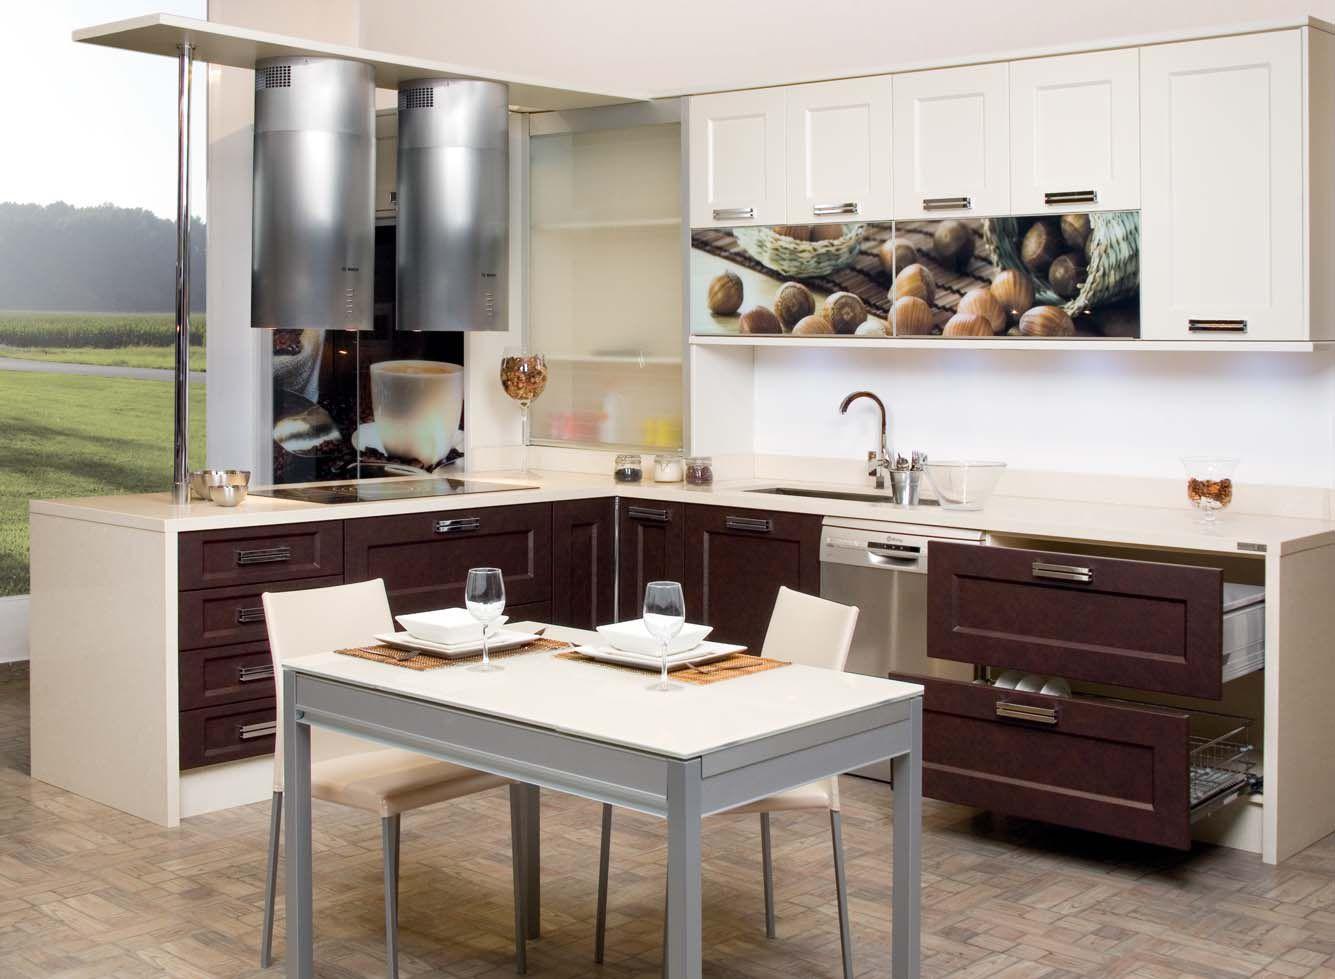 Cocina 89 cocinas capis dise o y fabricaci n de cocinas for Configurador cocinas